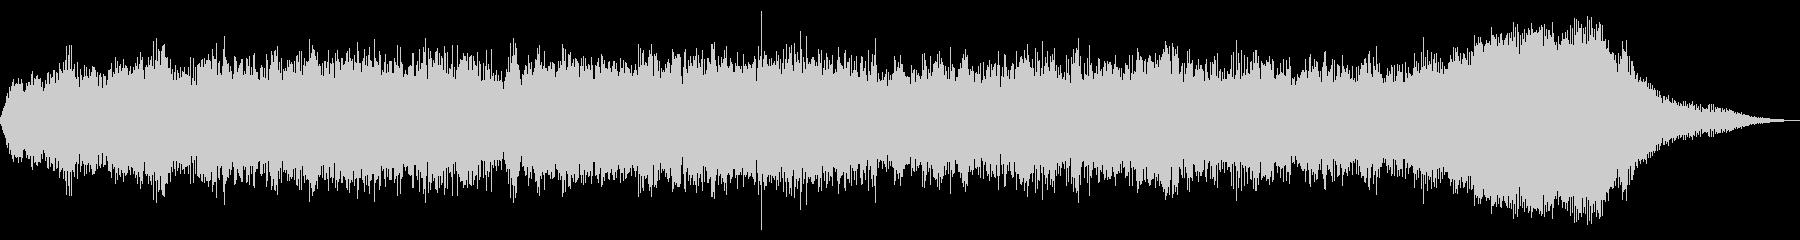 教会系ジングル15秒 Ver.06の未再生の波形